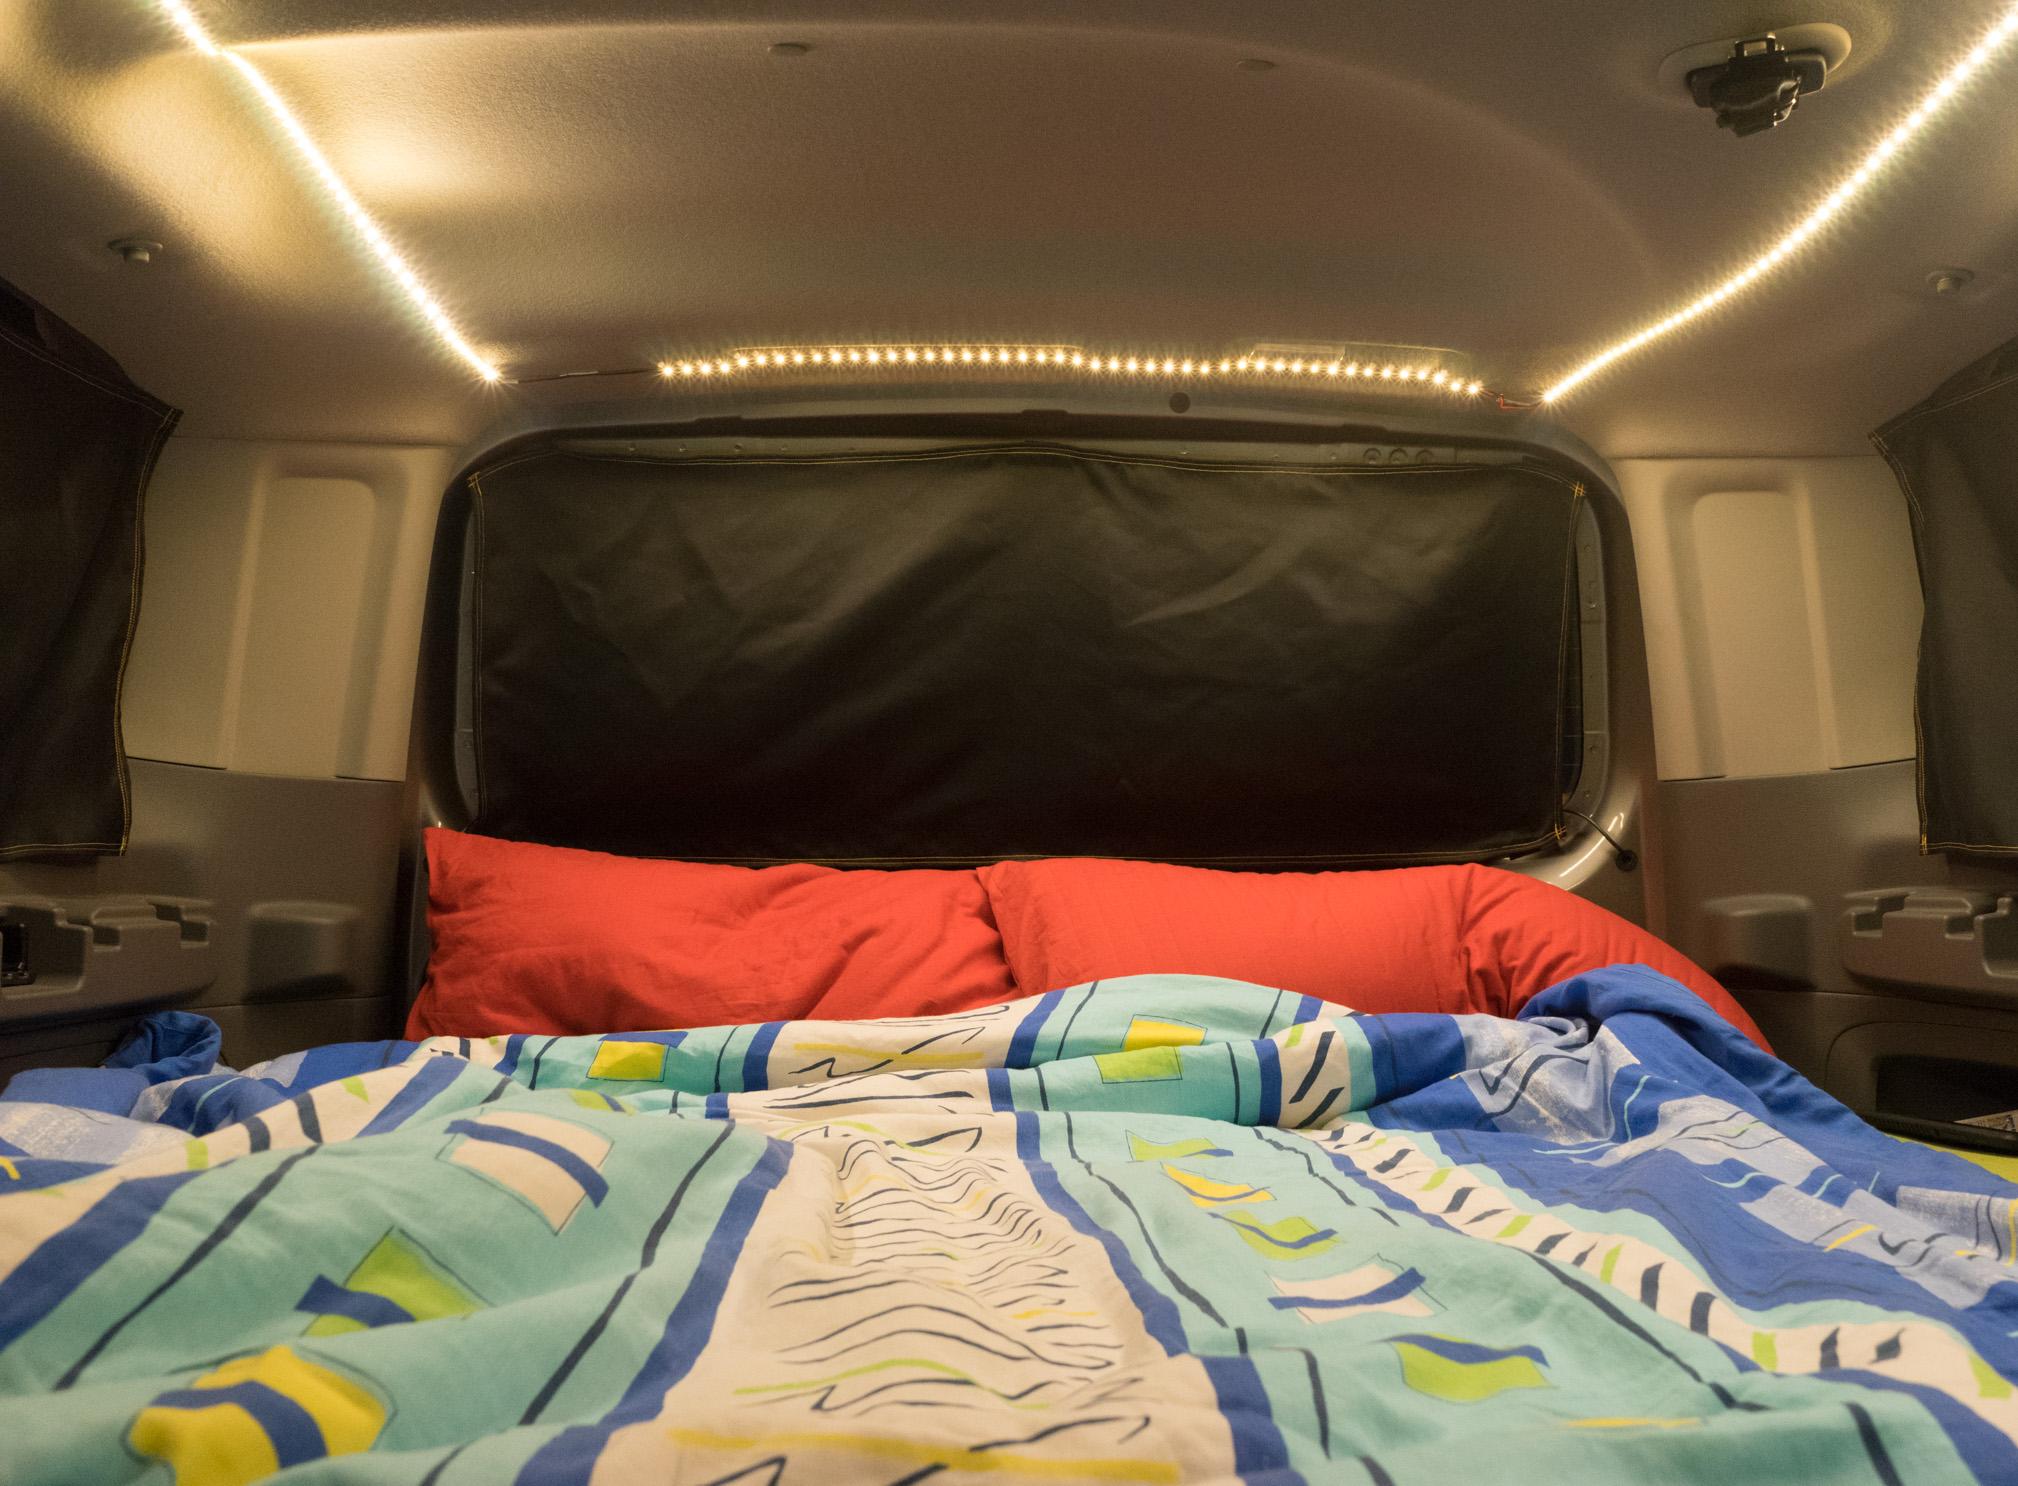 bett und matratze in einem nissan nv200 evalia minicamper. Black Bedroom Furniture Sets. Home Design Ideas